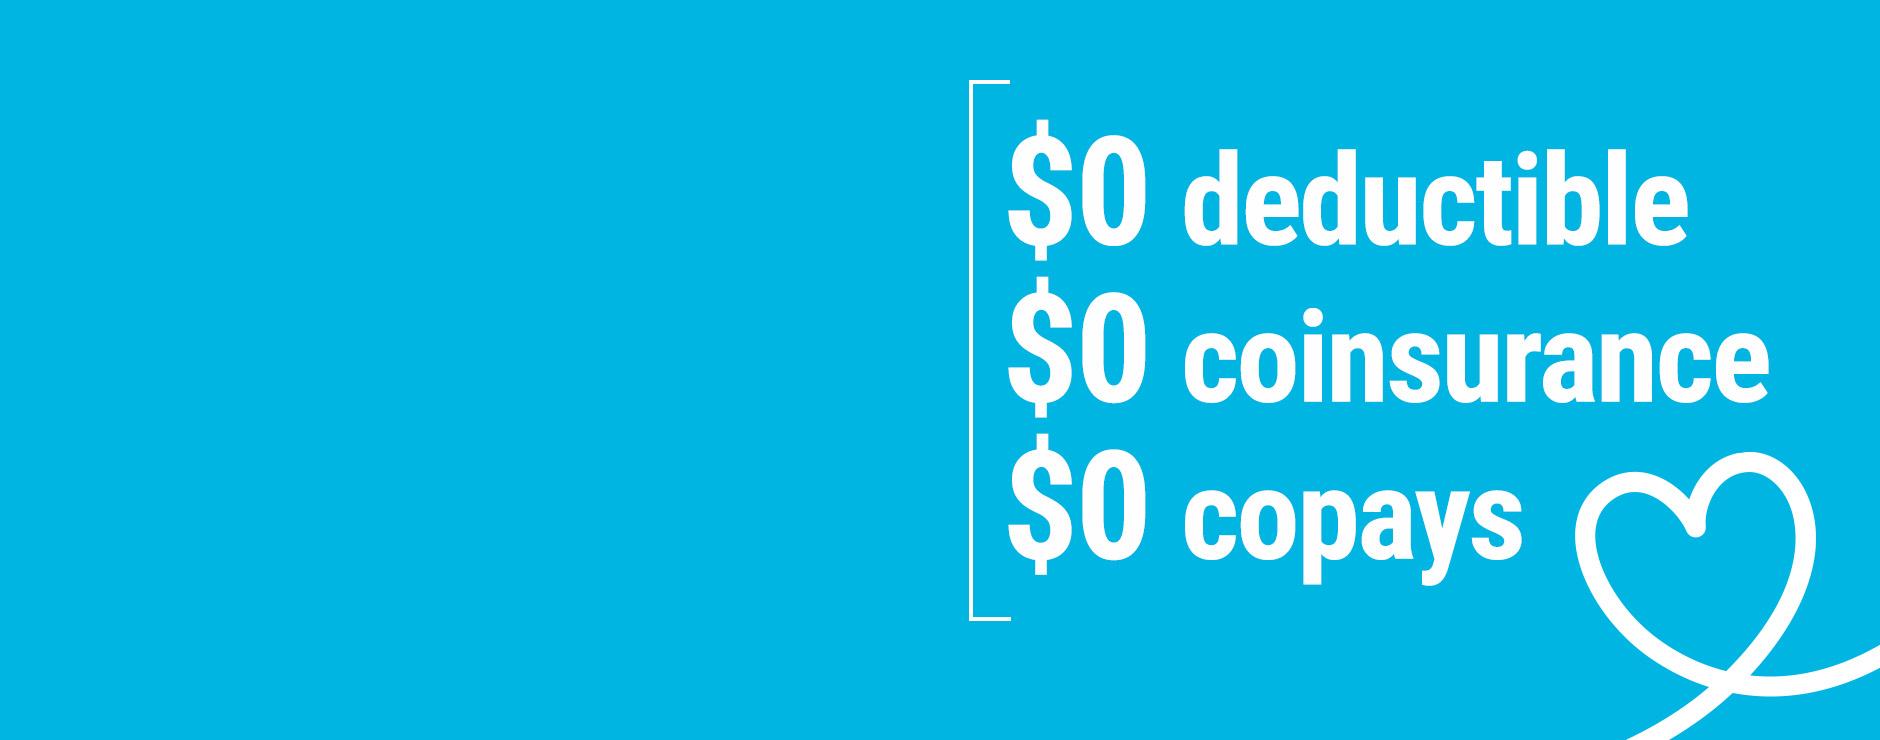 Medicare Advantage plan offers$0 deductible $0 coinsurance $0 copays